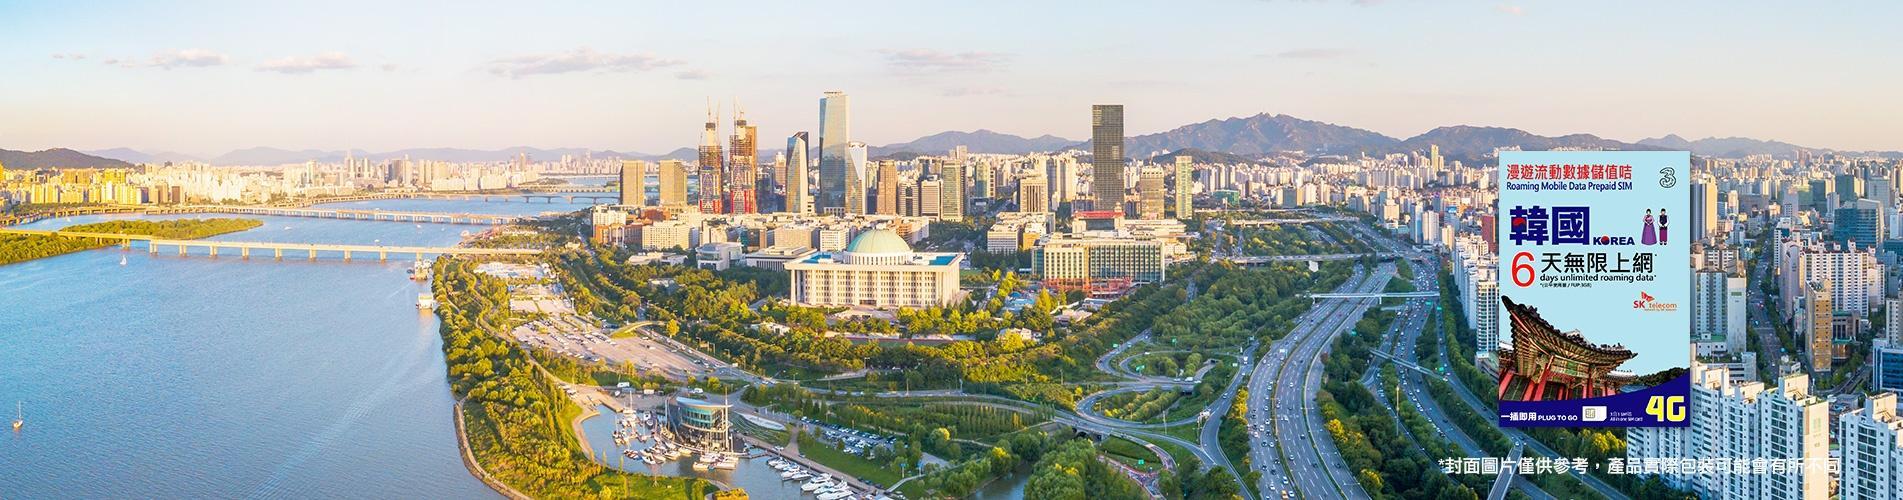 南韓電話卡 - 3HK 南韓4G/3G 6天無限流量數據上網卡